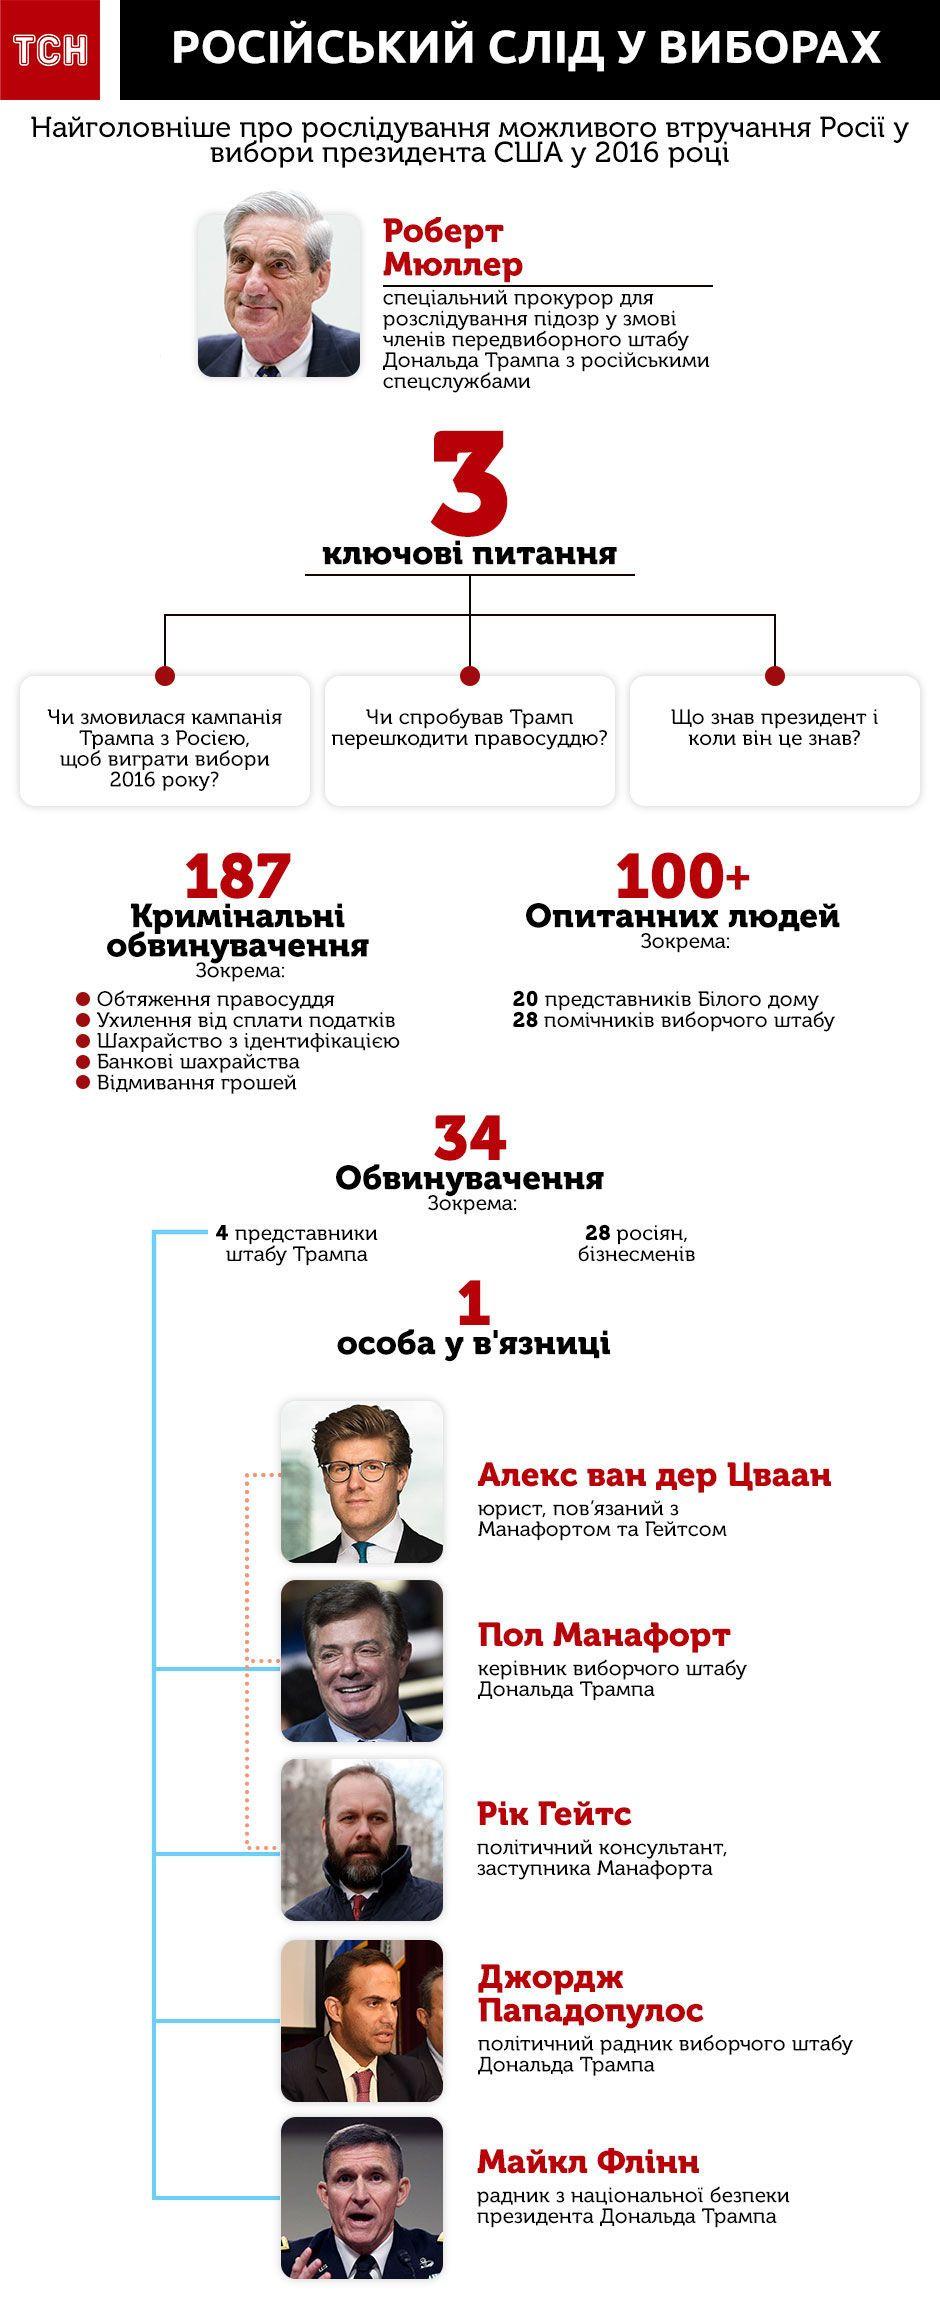 справа про втручання Росії у вибори в США, інфографіка